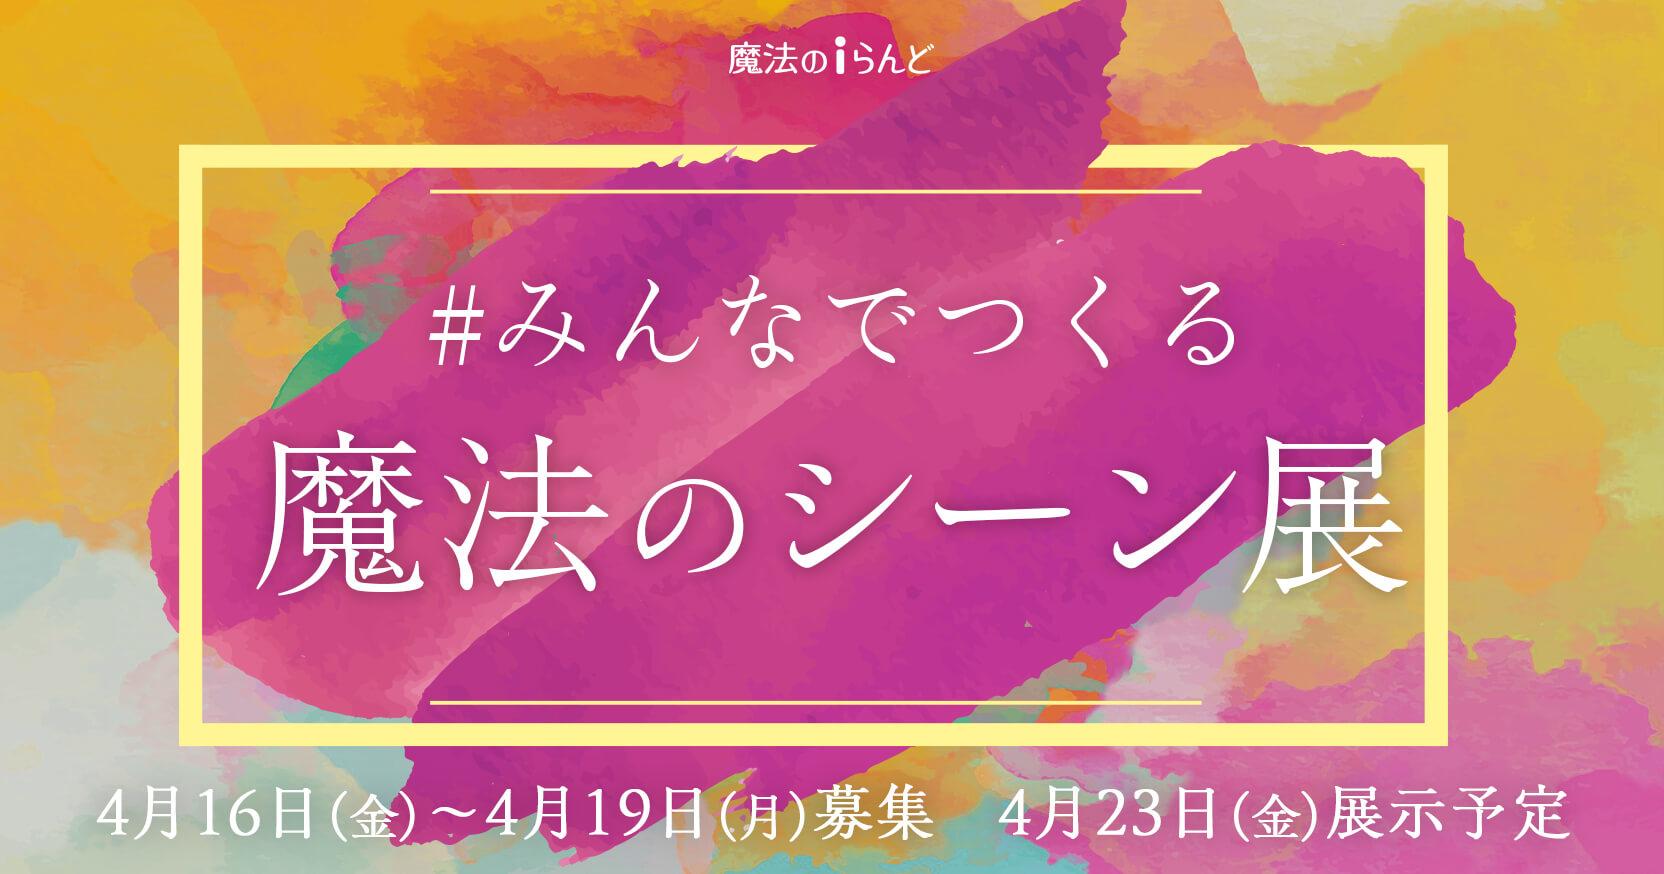 https://storage.googleapis.com/blog-info/entry/2021/04/sceneten_ogp.jpg